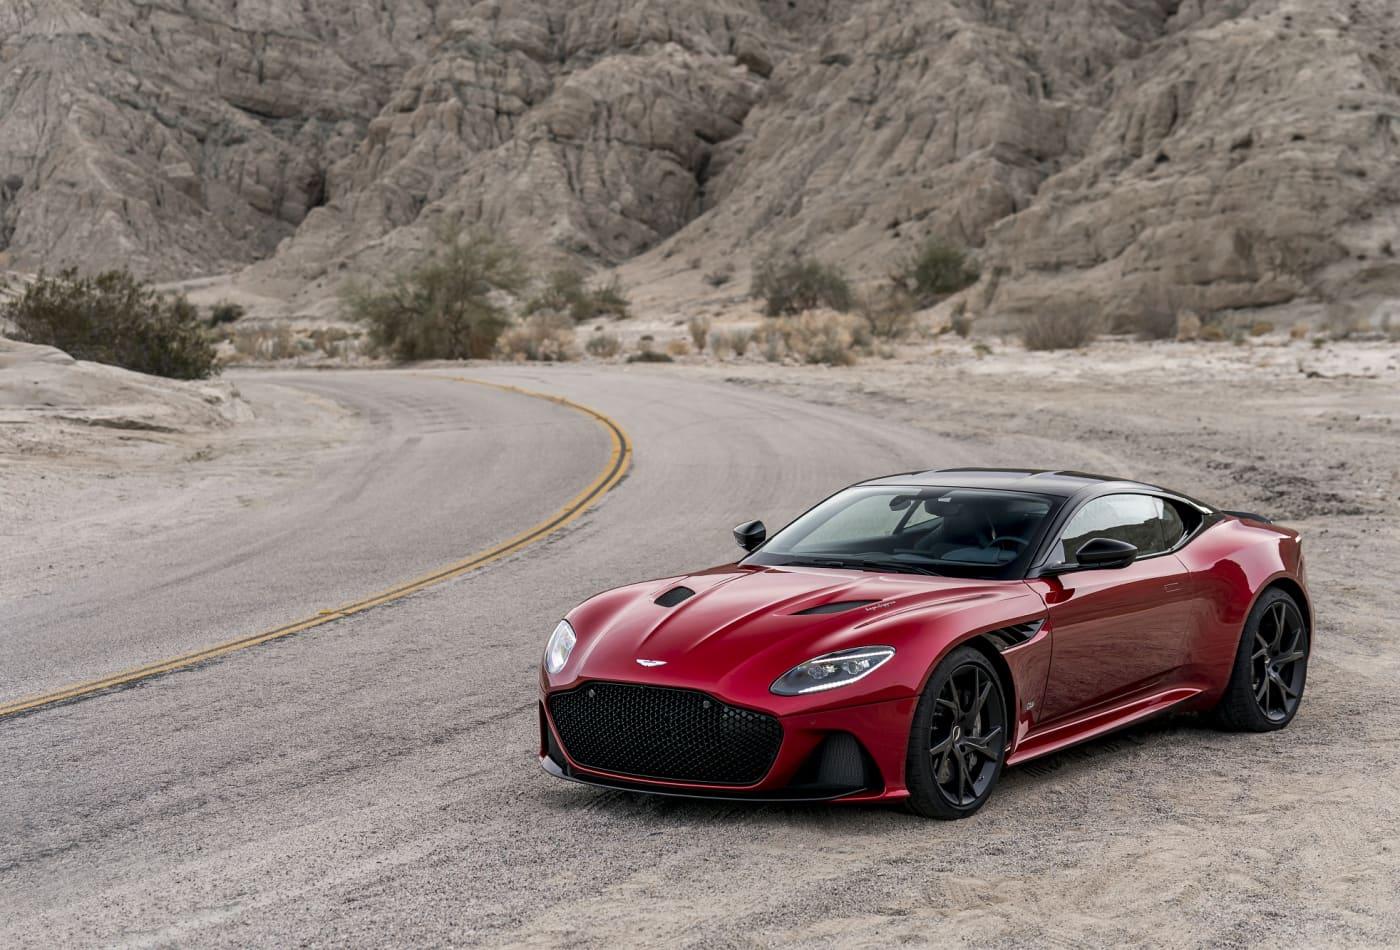 New Aston Martin >> Photos New 305 000 Aston Martin Dbs Superleggera Supercar